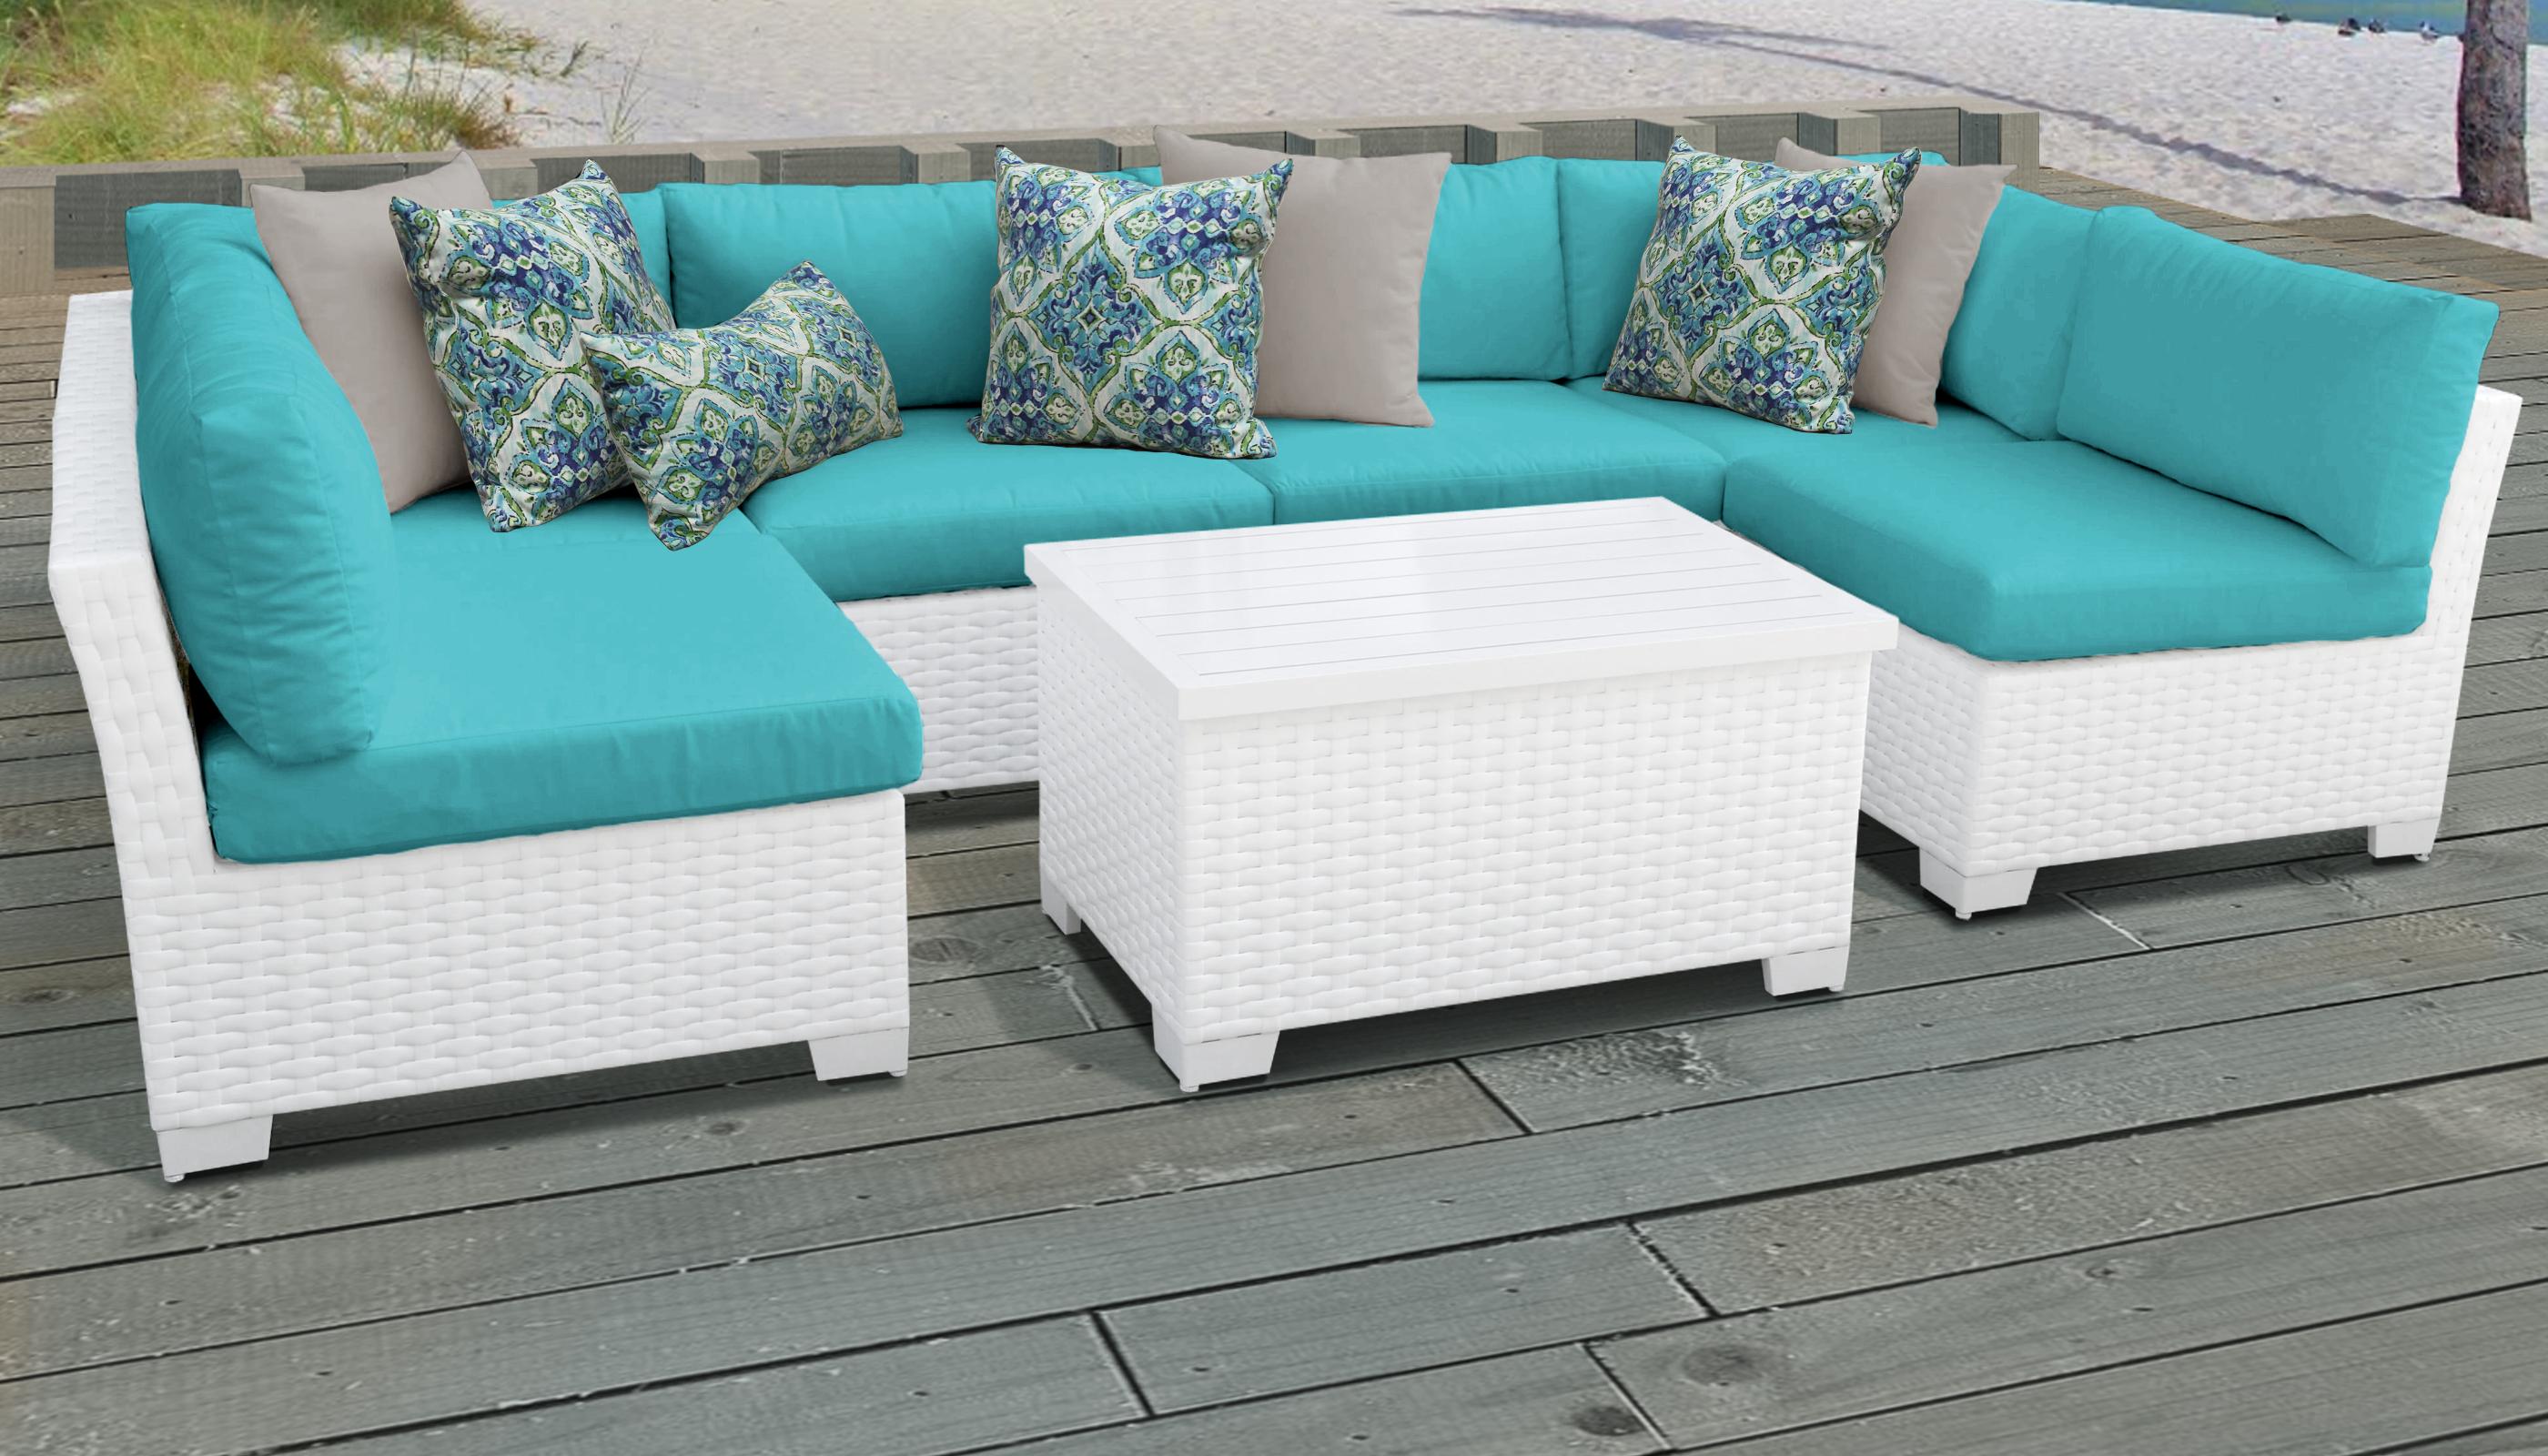 Monaco 7 Piece Outdoor Wicker Patio Furniture Set 07a -